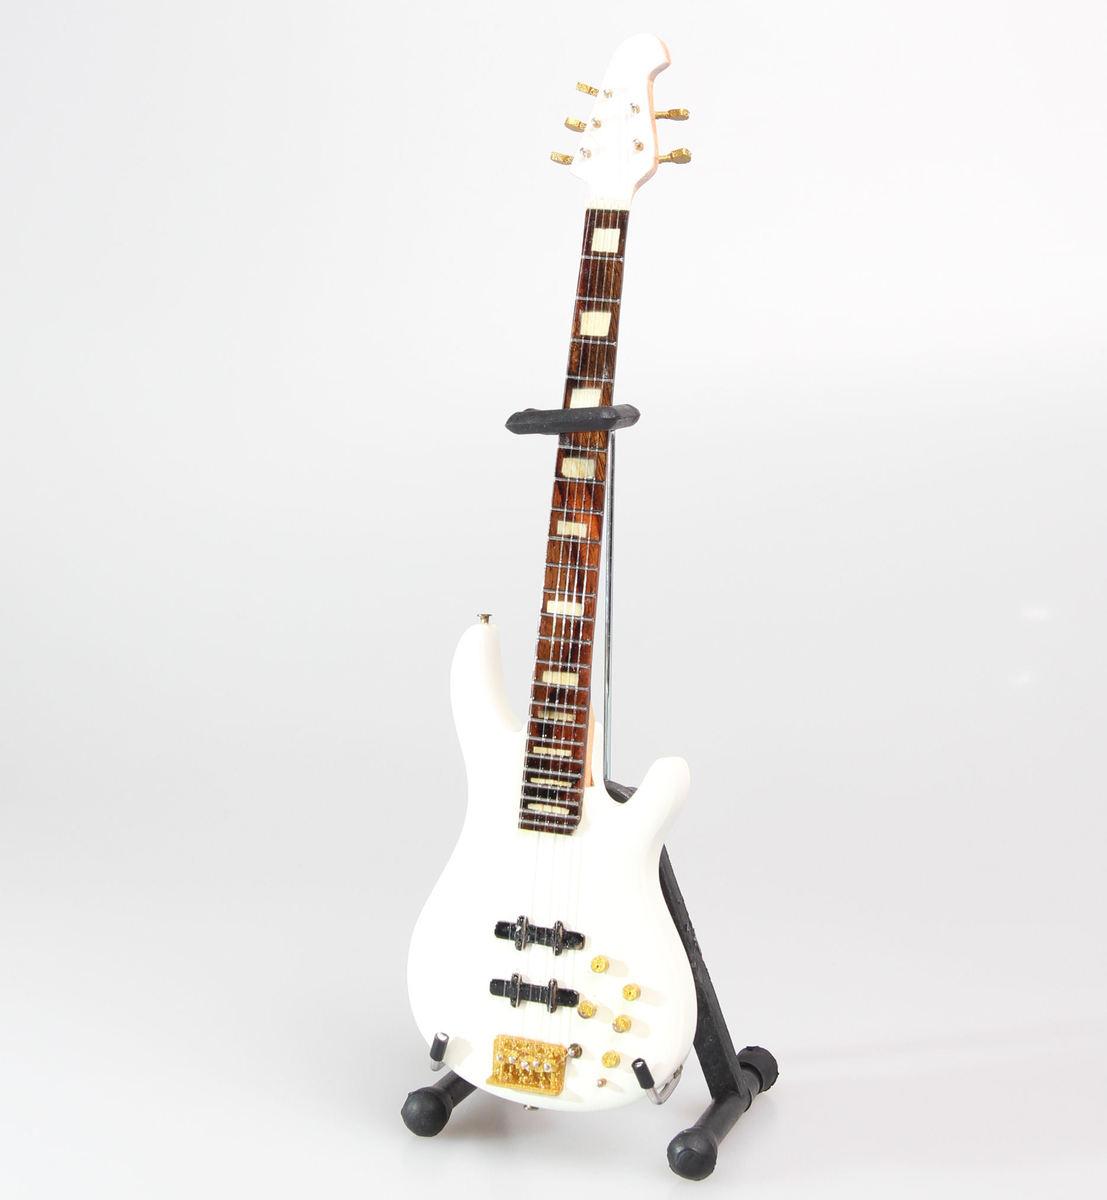 kytara Nathan East - Yamaha White - MINI GUITAR USA - NEST White